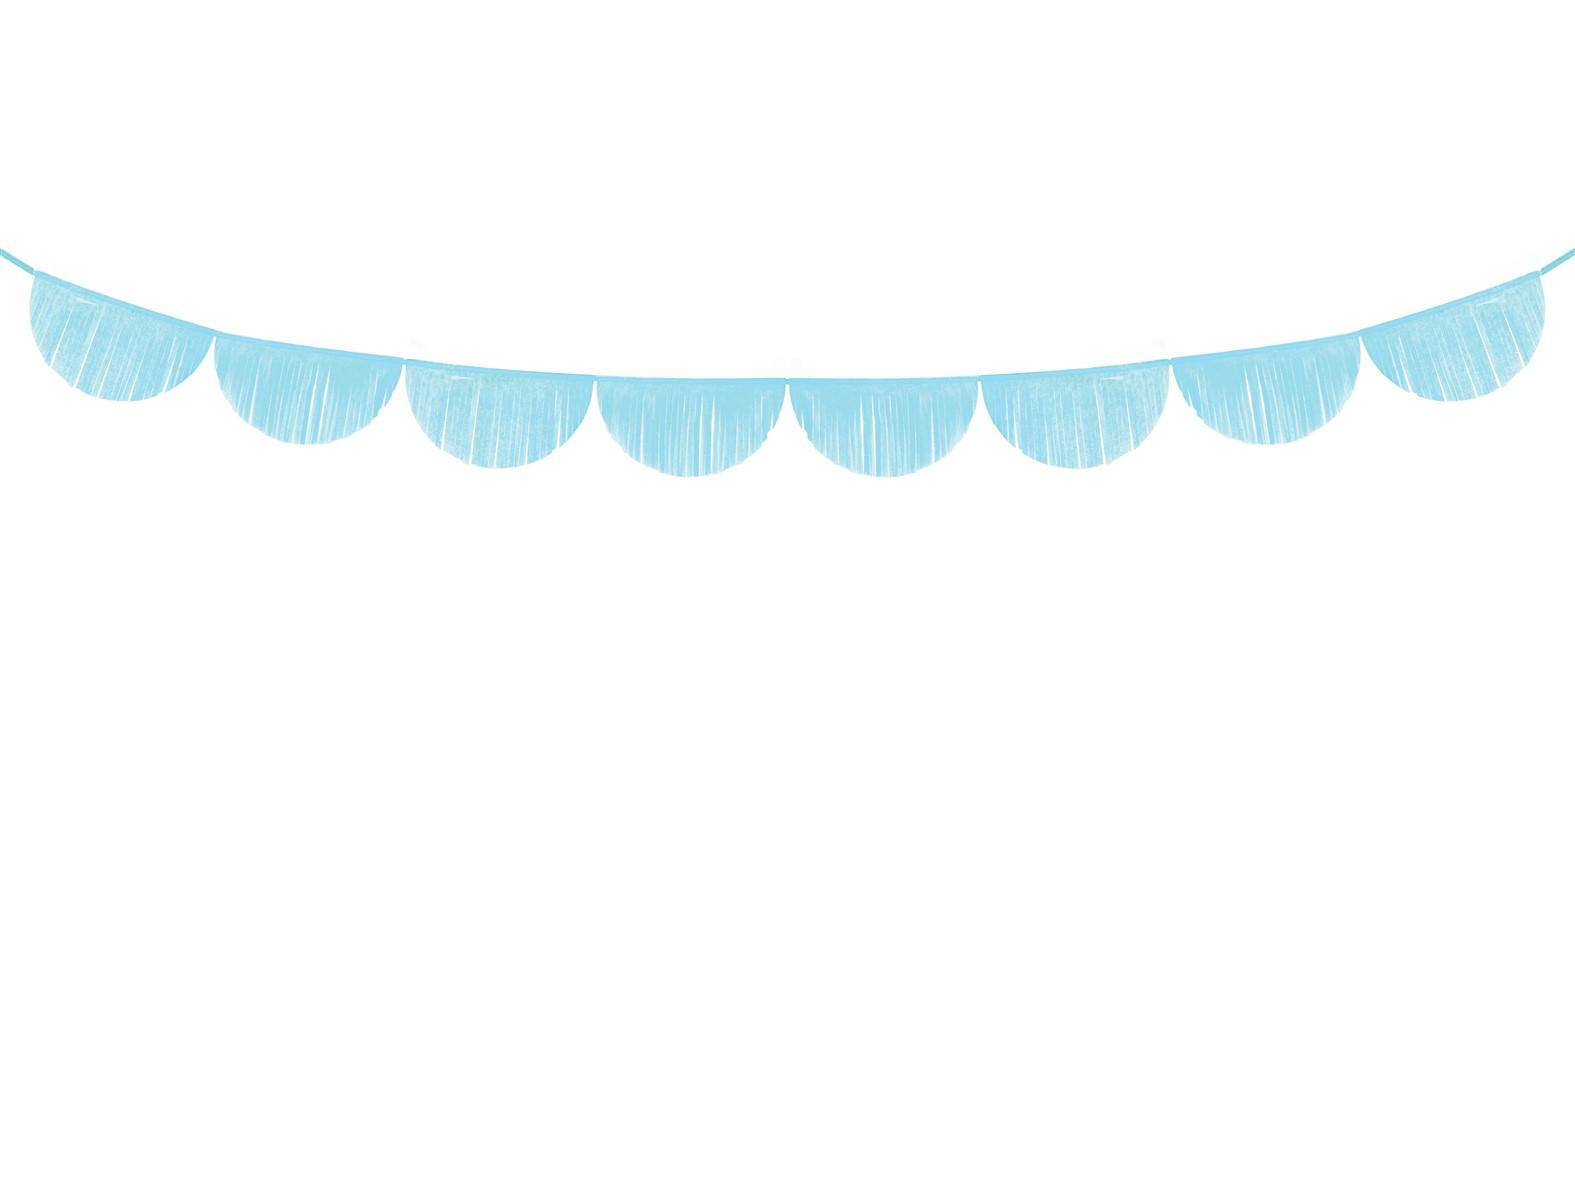 Χάρτινη Γιρλάντα με Κρόσια Γαλάζια – 3 Μέτρα